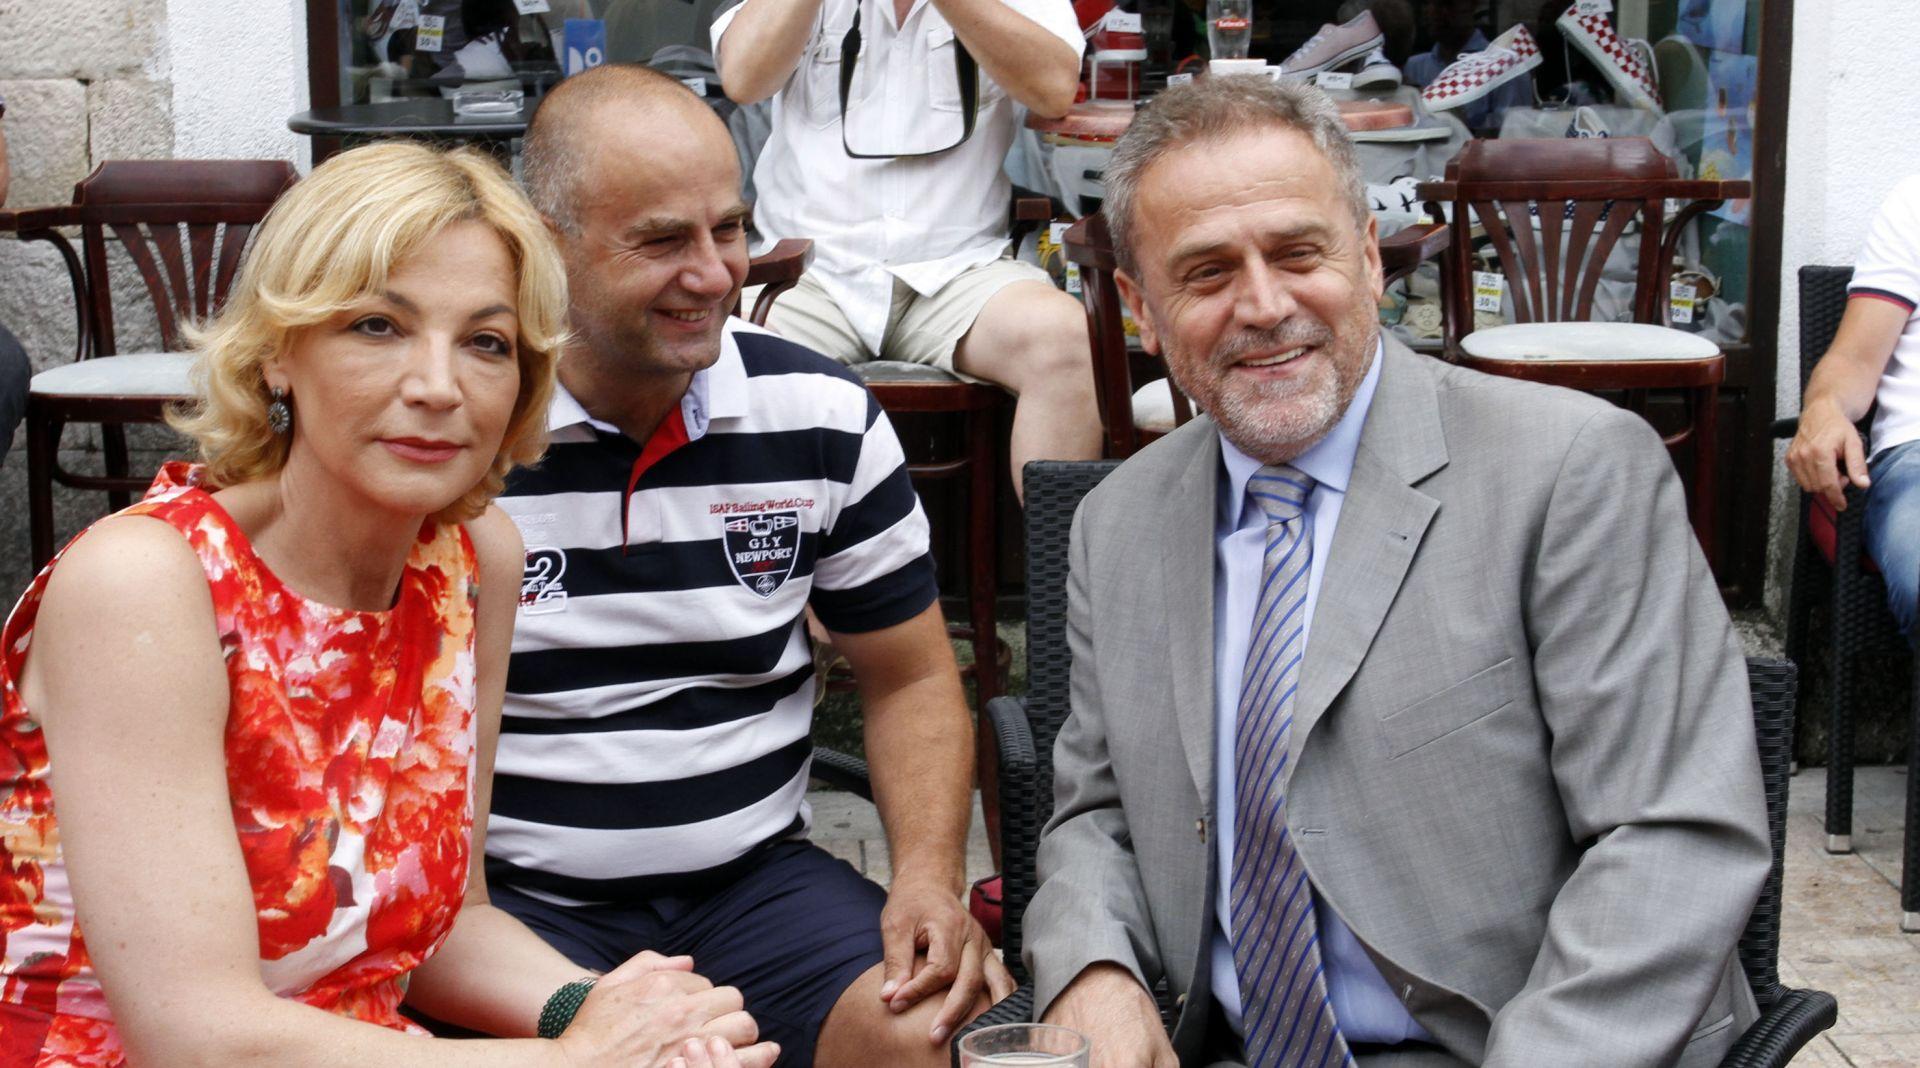 IZBORI 2015. Bandić se nije izjasnio o navodnoj ponudi Norcu, koji se ni ne može kandidirati